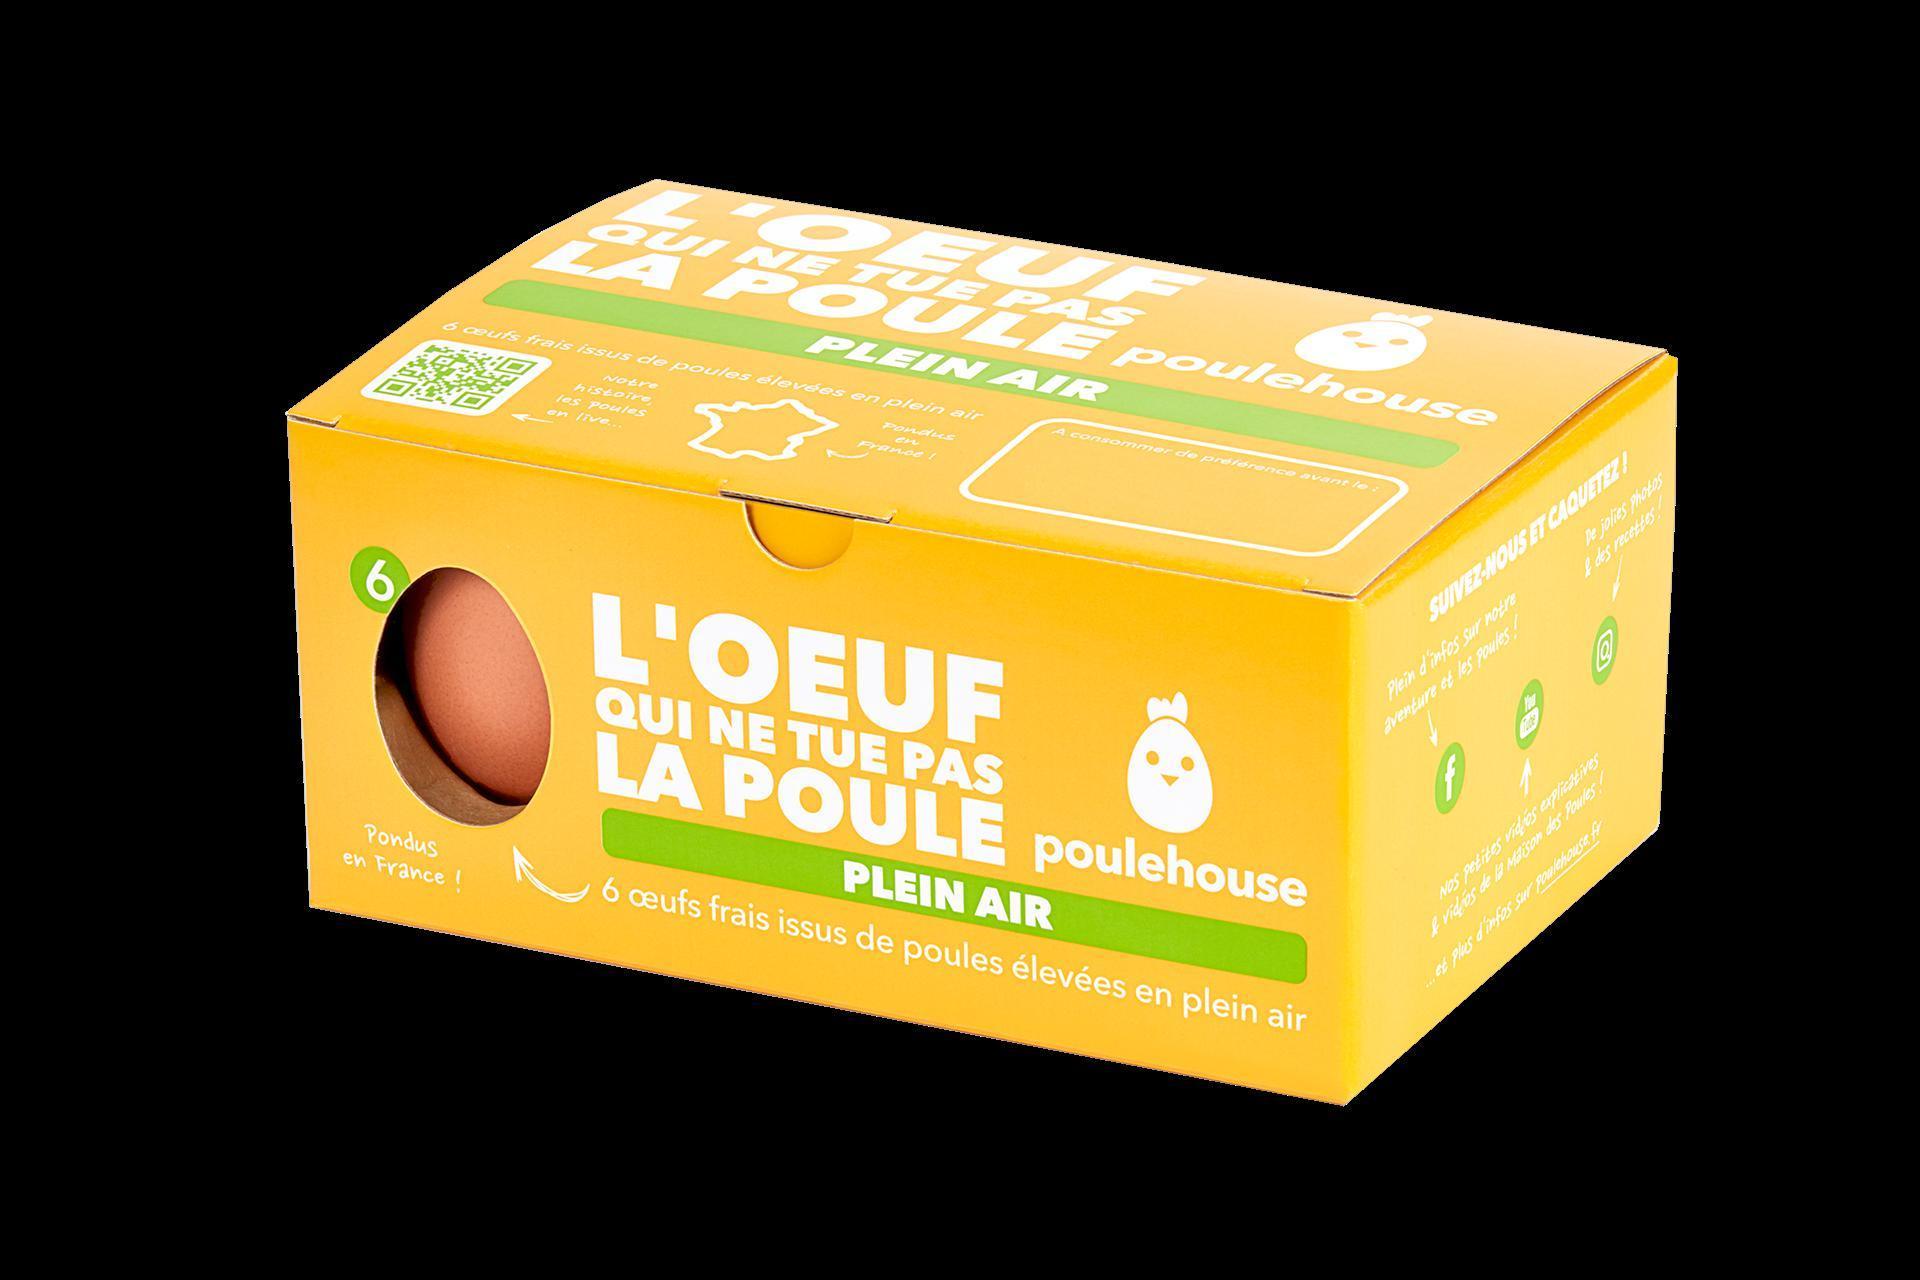 troc de troc **epuise** boite d'oeufs poulehouse plein-air image 1